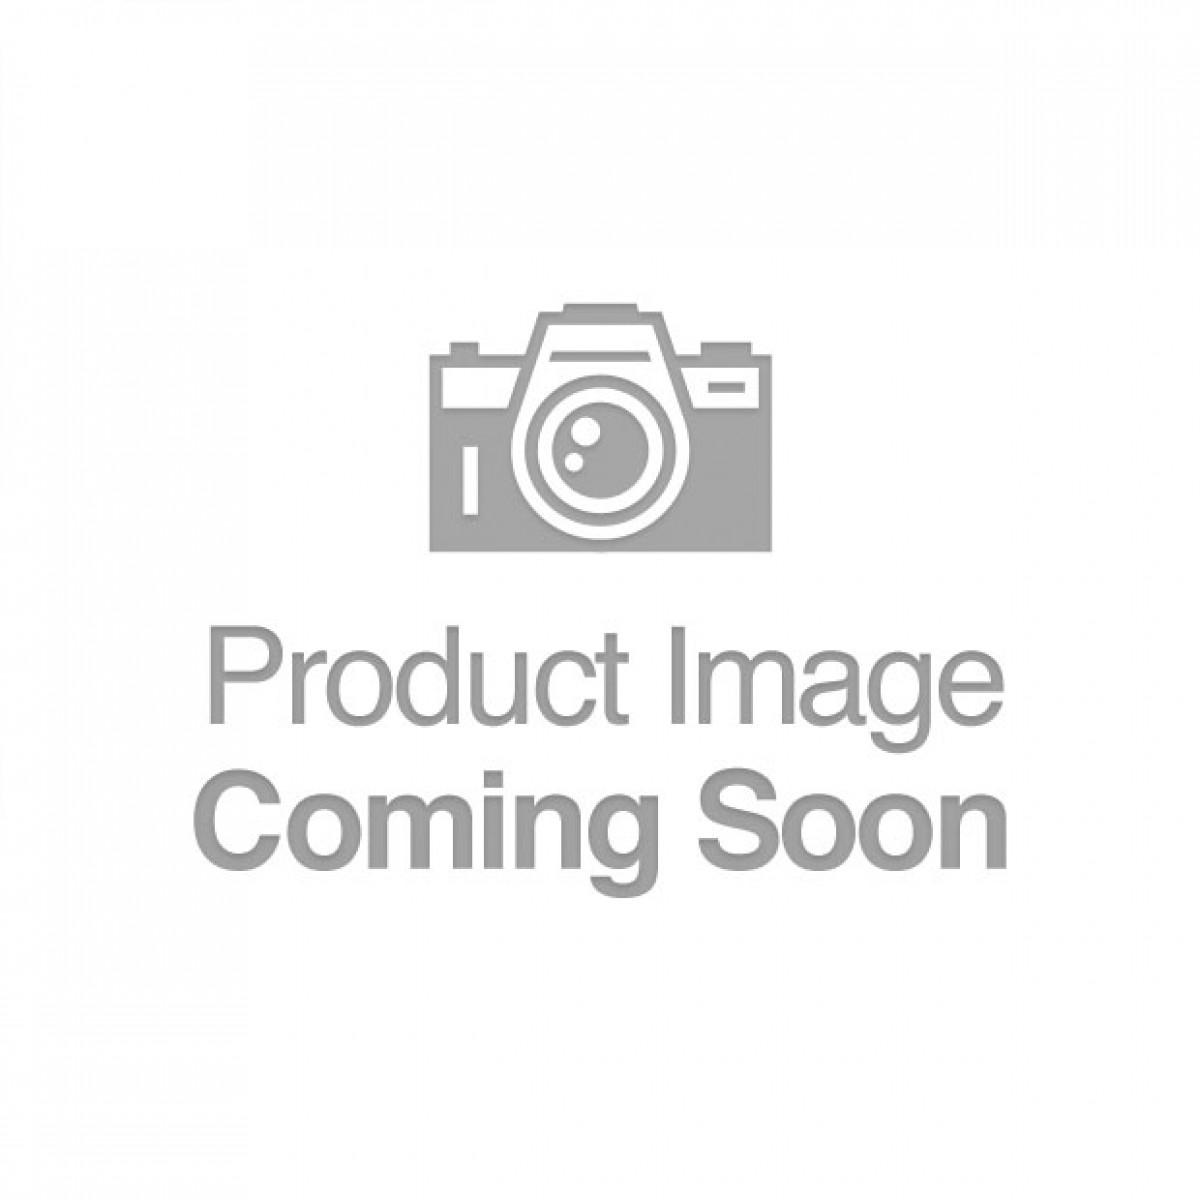 Shots Pumped Clitoral & Nipple Pump Set - Medium Rose Gold